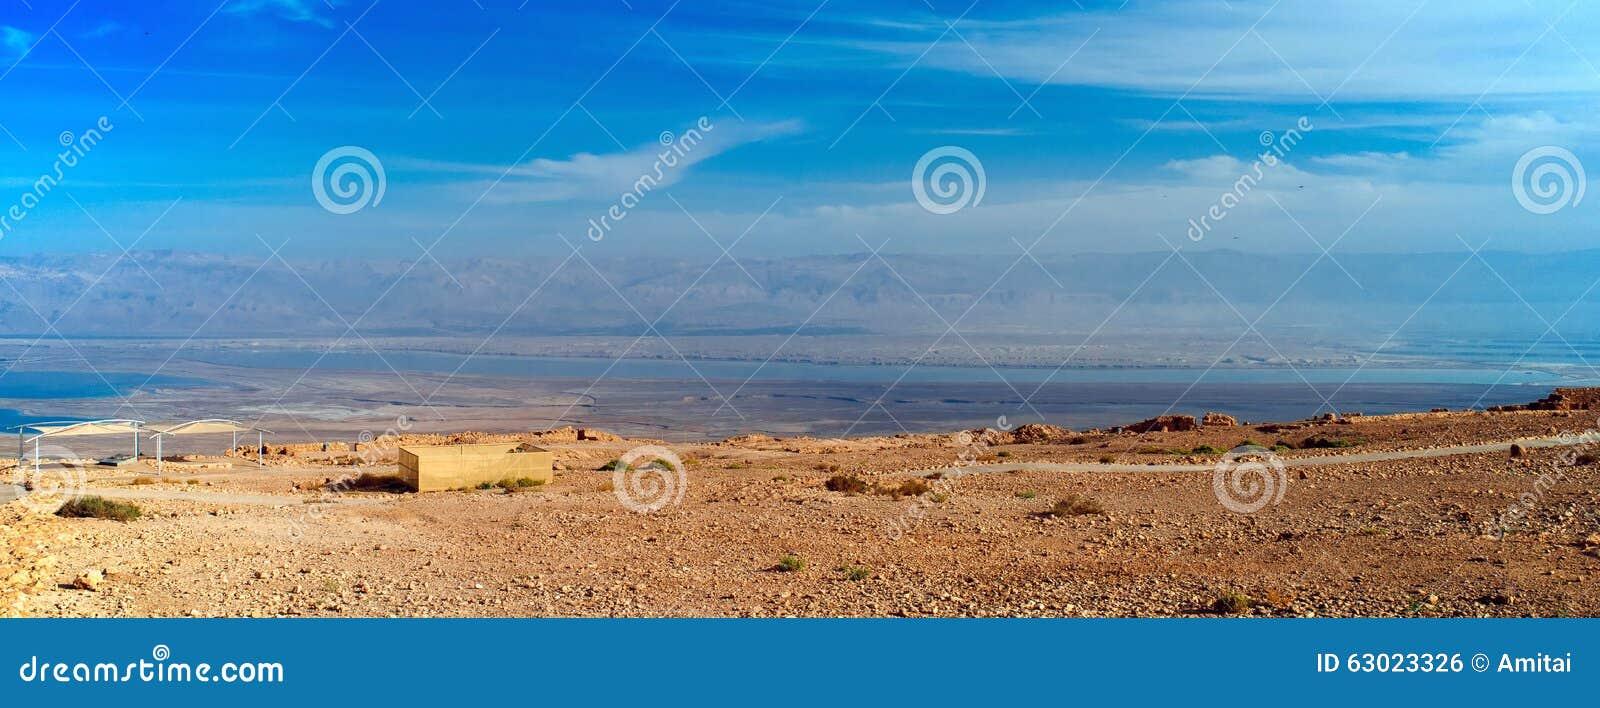 Serie för heligt land - Judea Desert#3